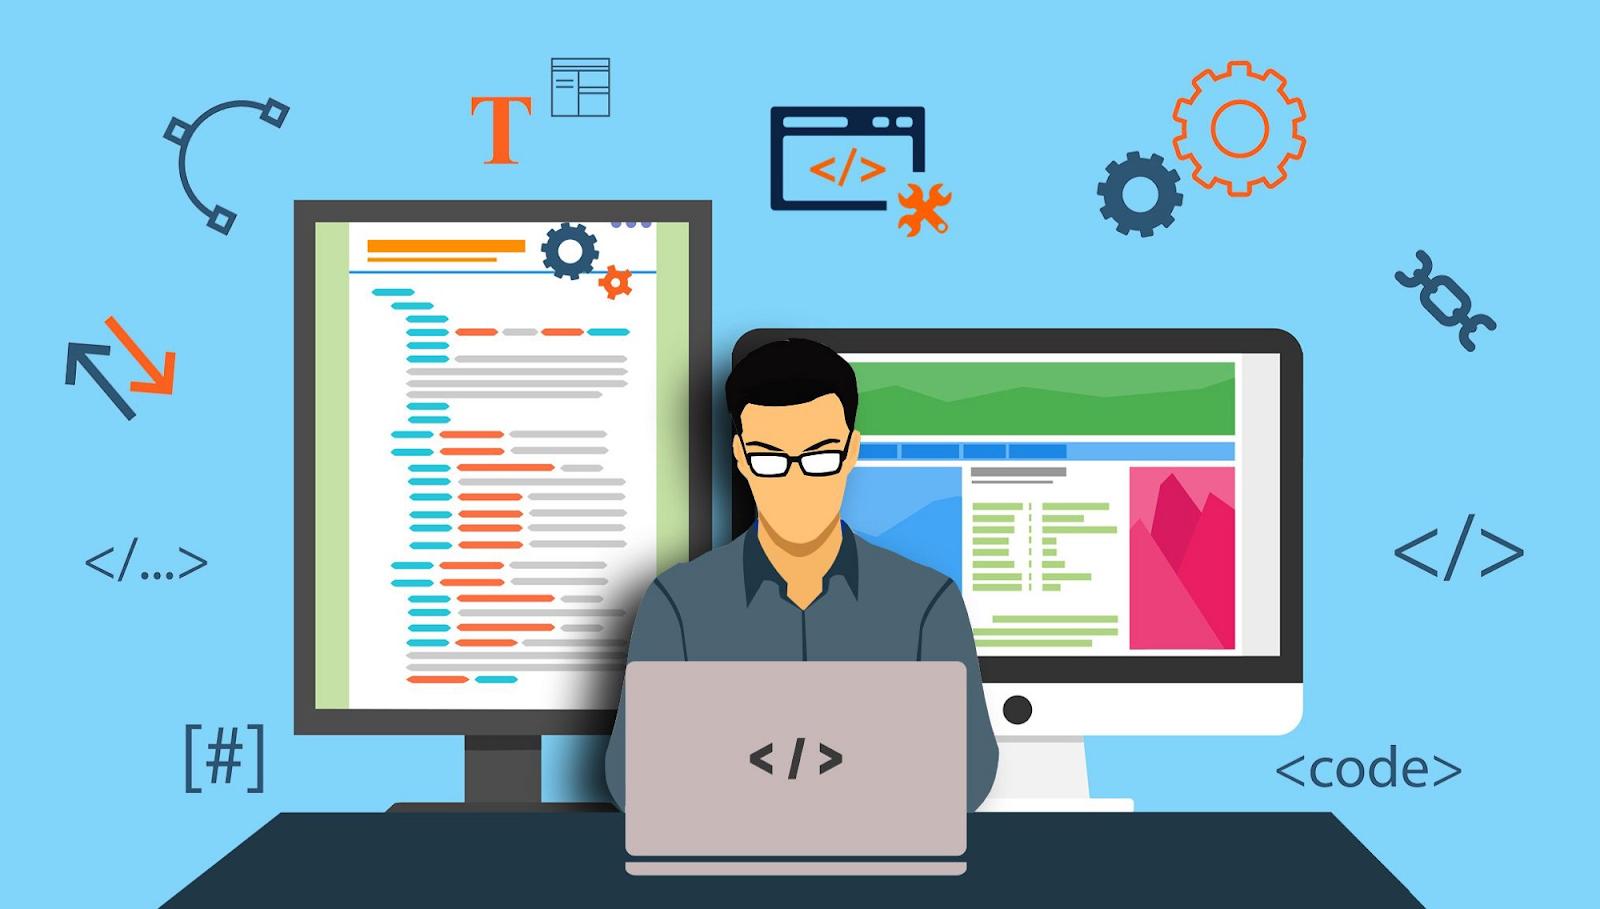 Agile cung cấp phương pháp quản lý để lập trình hiệu quả